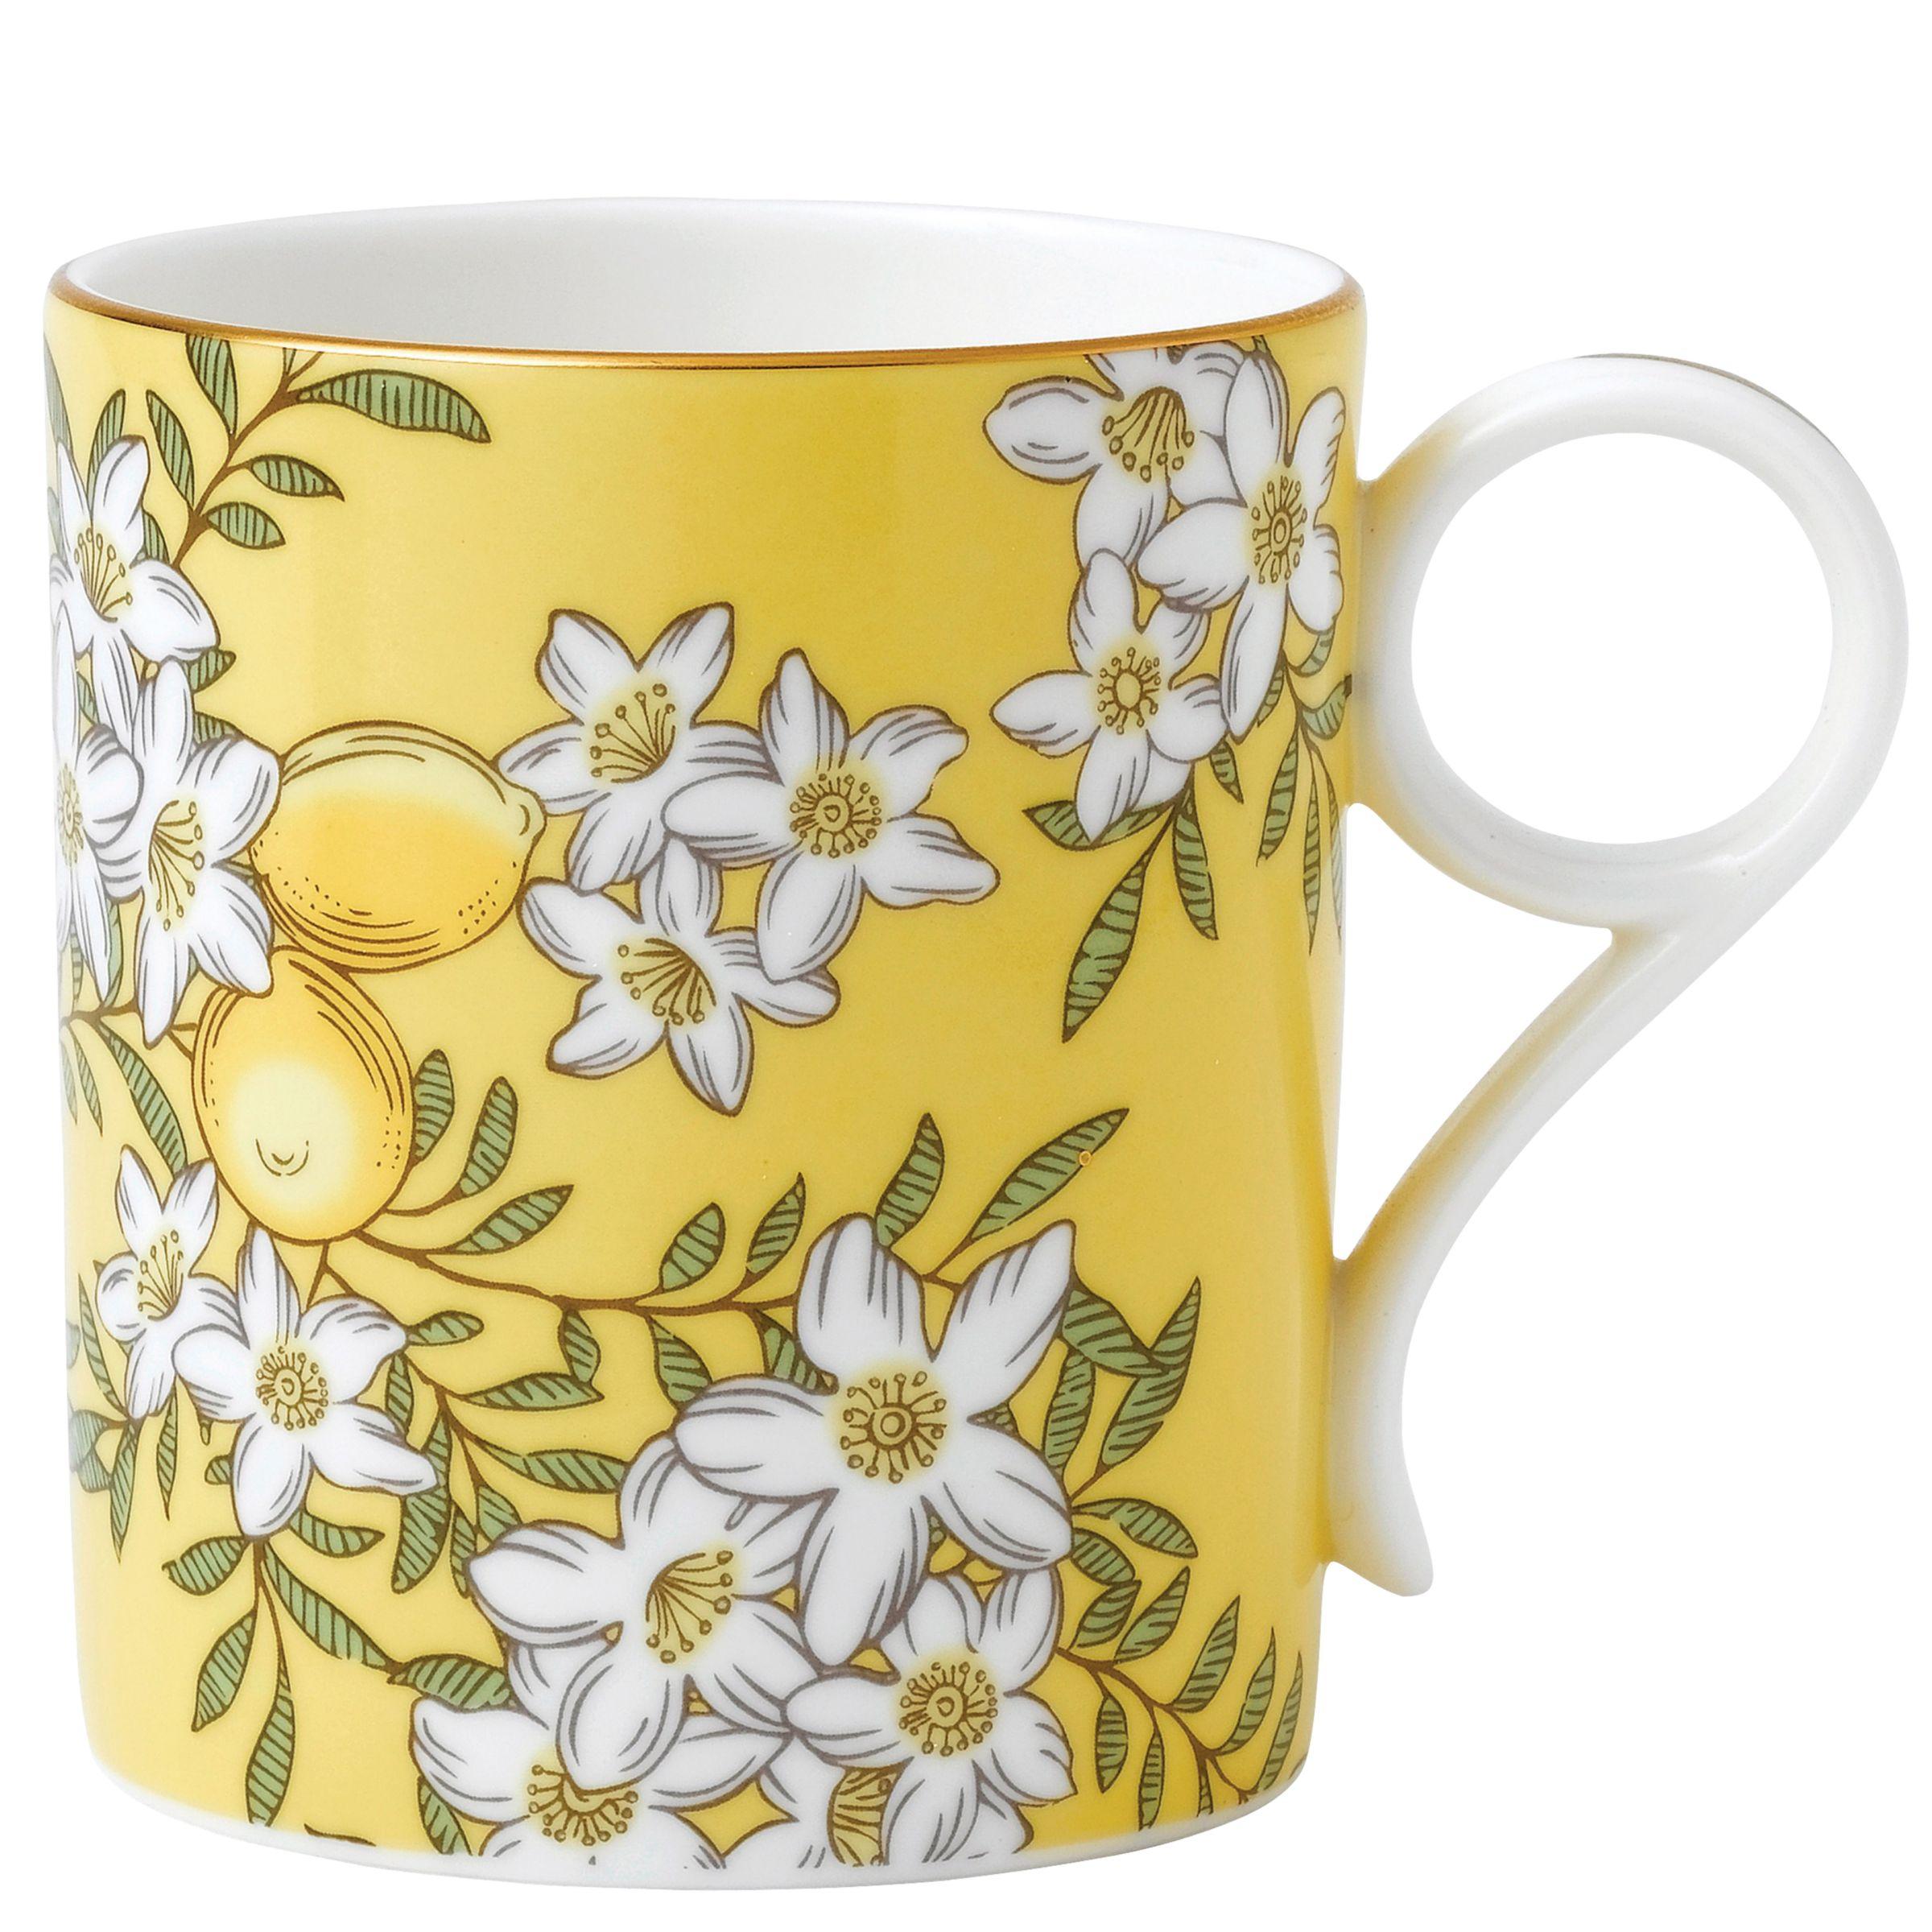 Wedgwood Wedgwood Tea Garden Lemon & Ginger Mug